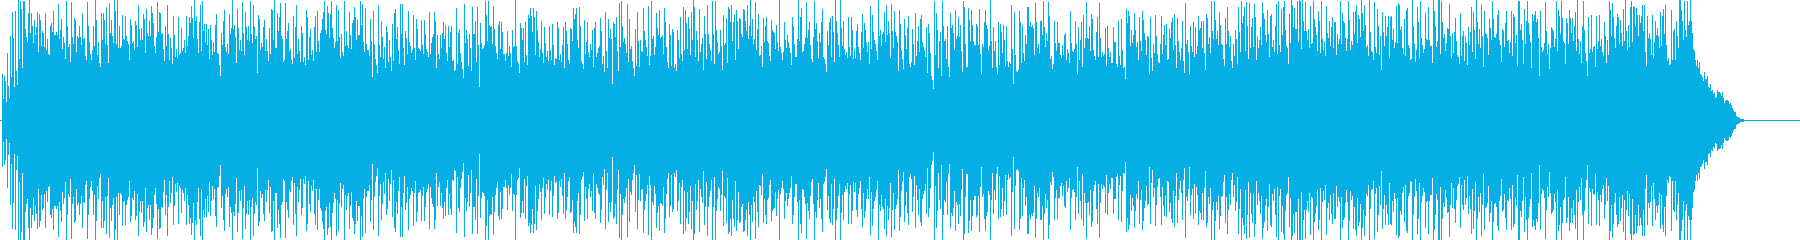 軽快 楽しい いきいき 前進 躍動 空の再生済みの波形